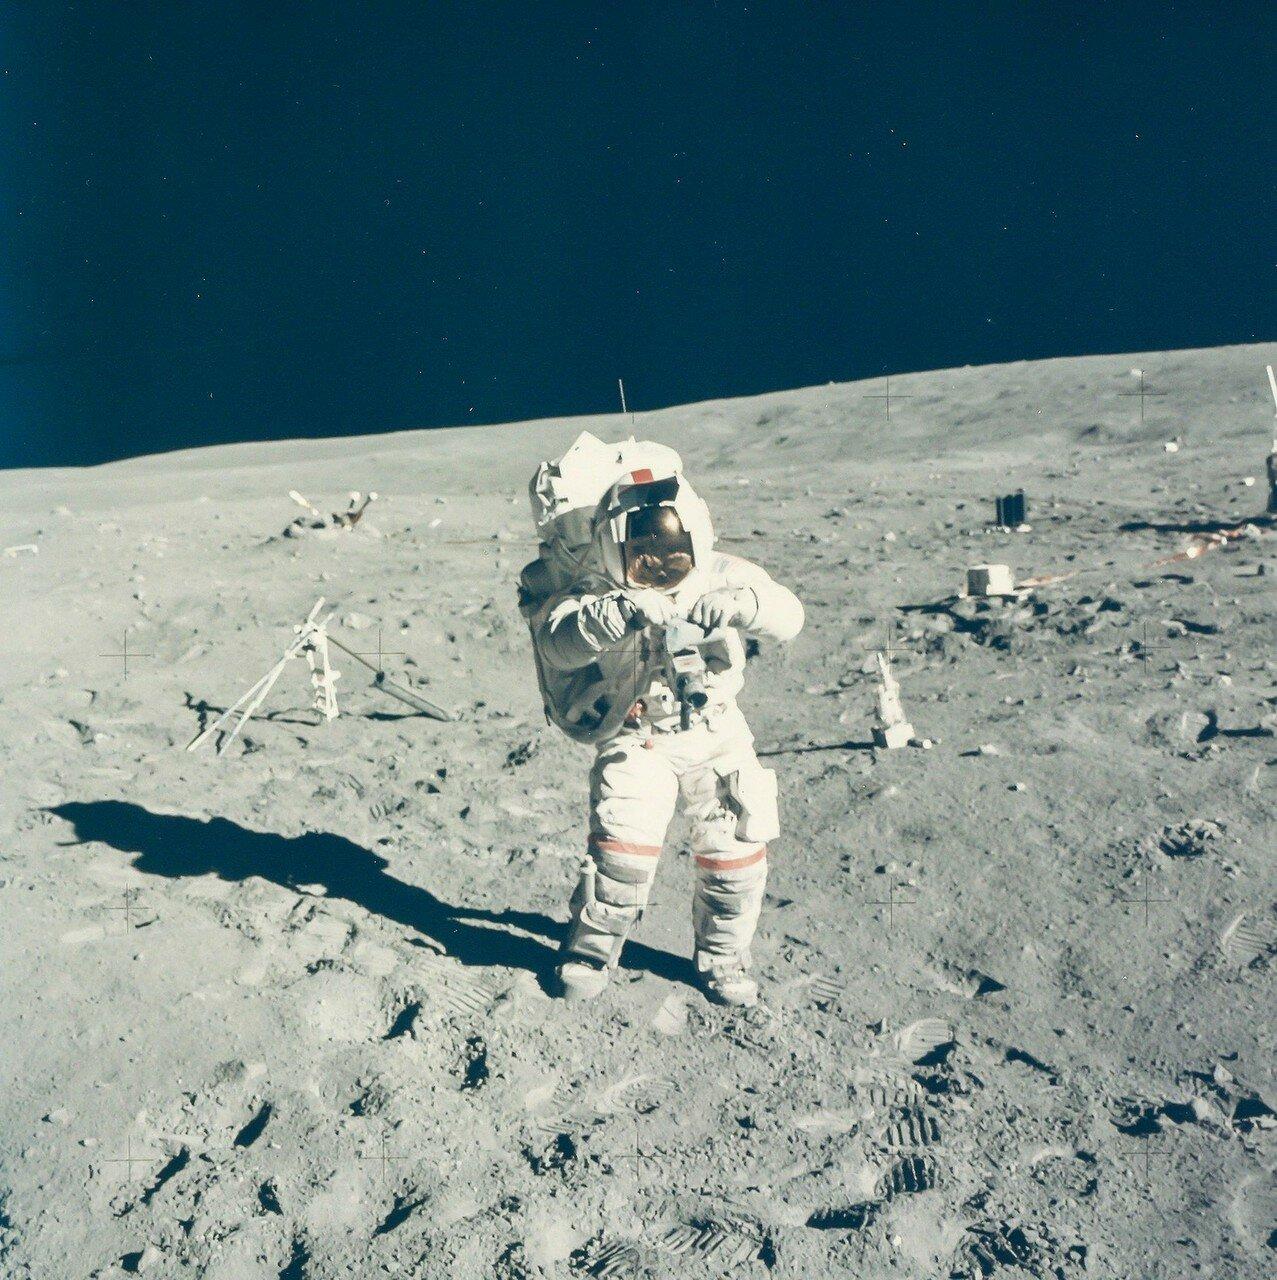 Шагнув с тарелки опоры «Ориона» в лунную пыль, он сказа: «А вот и ты, загадочный и неизвестный Декарт. Горные равнины. Аполлон-16 изменит представления о тебе. Я очень рад, что Братца Кролика бросили сюда, в его родной терновый куст». На снимке: Джон Янг